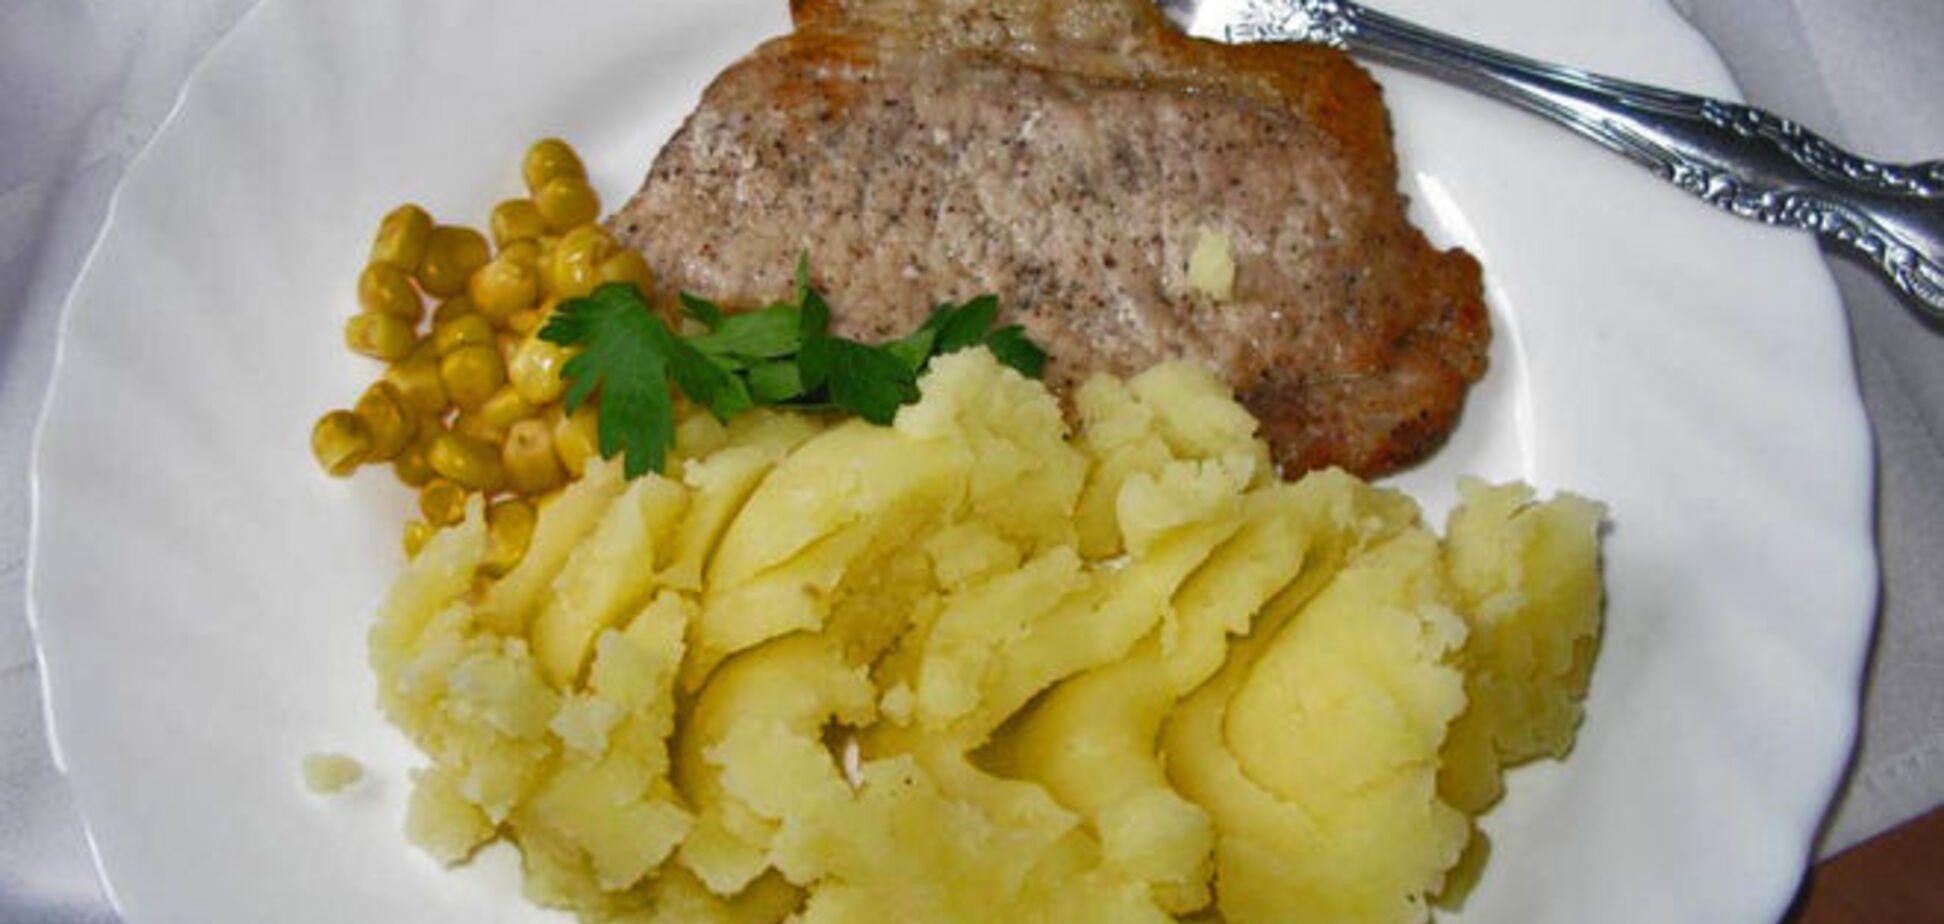 Забудьте о картошке с мясом: несочетаемы продукты в организме превращаются в яд